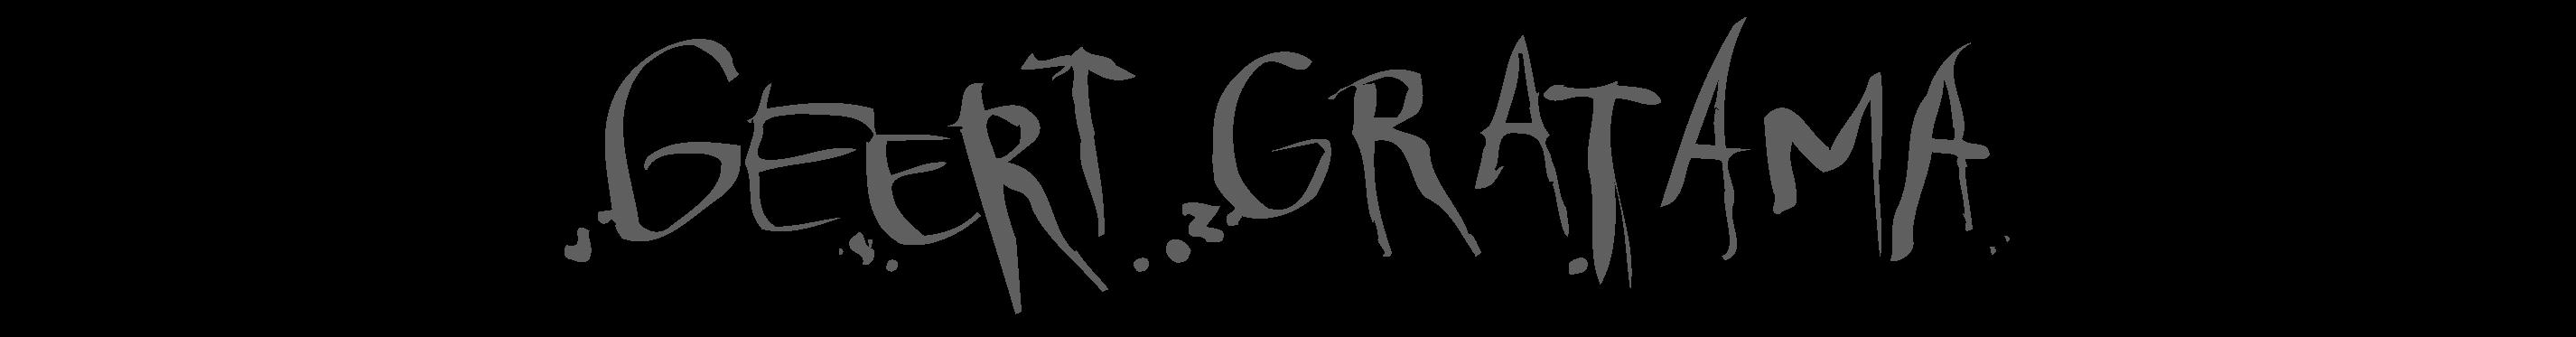 Geert Gratama